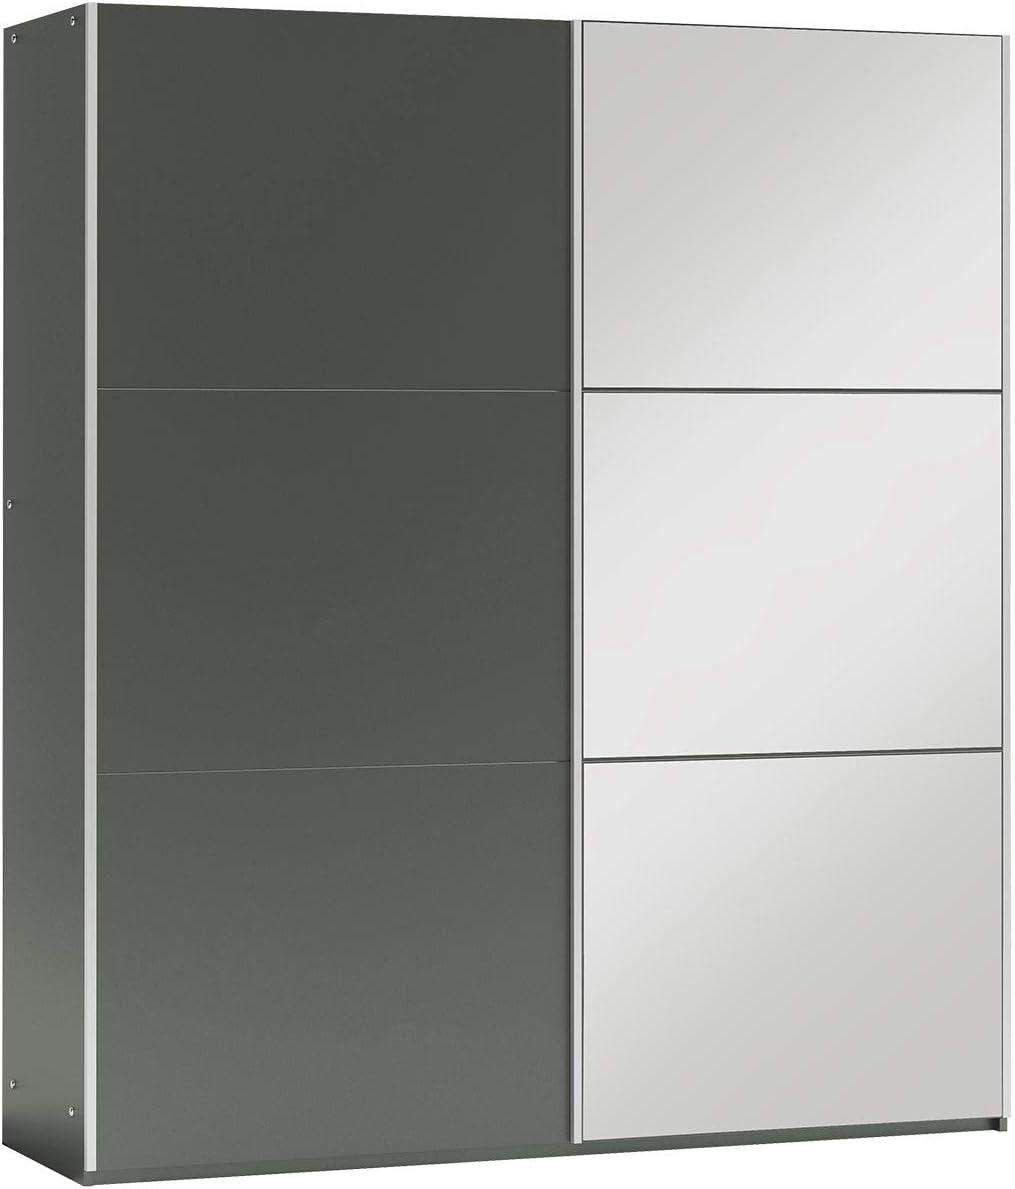 Mirjan24 Belize - Armario con espejo y barras para dormitorio, vestíbulo, armario de armario, armario elegante con puertas correderas, armario para dormitorio: Amazon.es: Juguetes y juegos